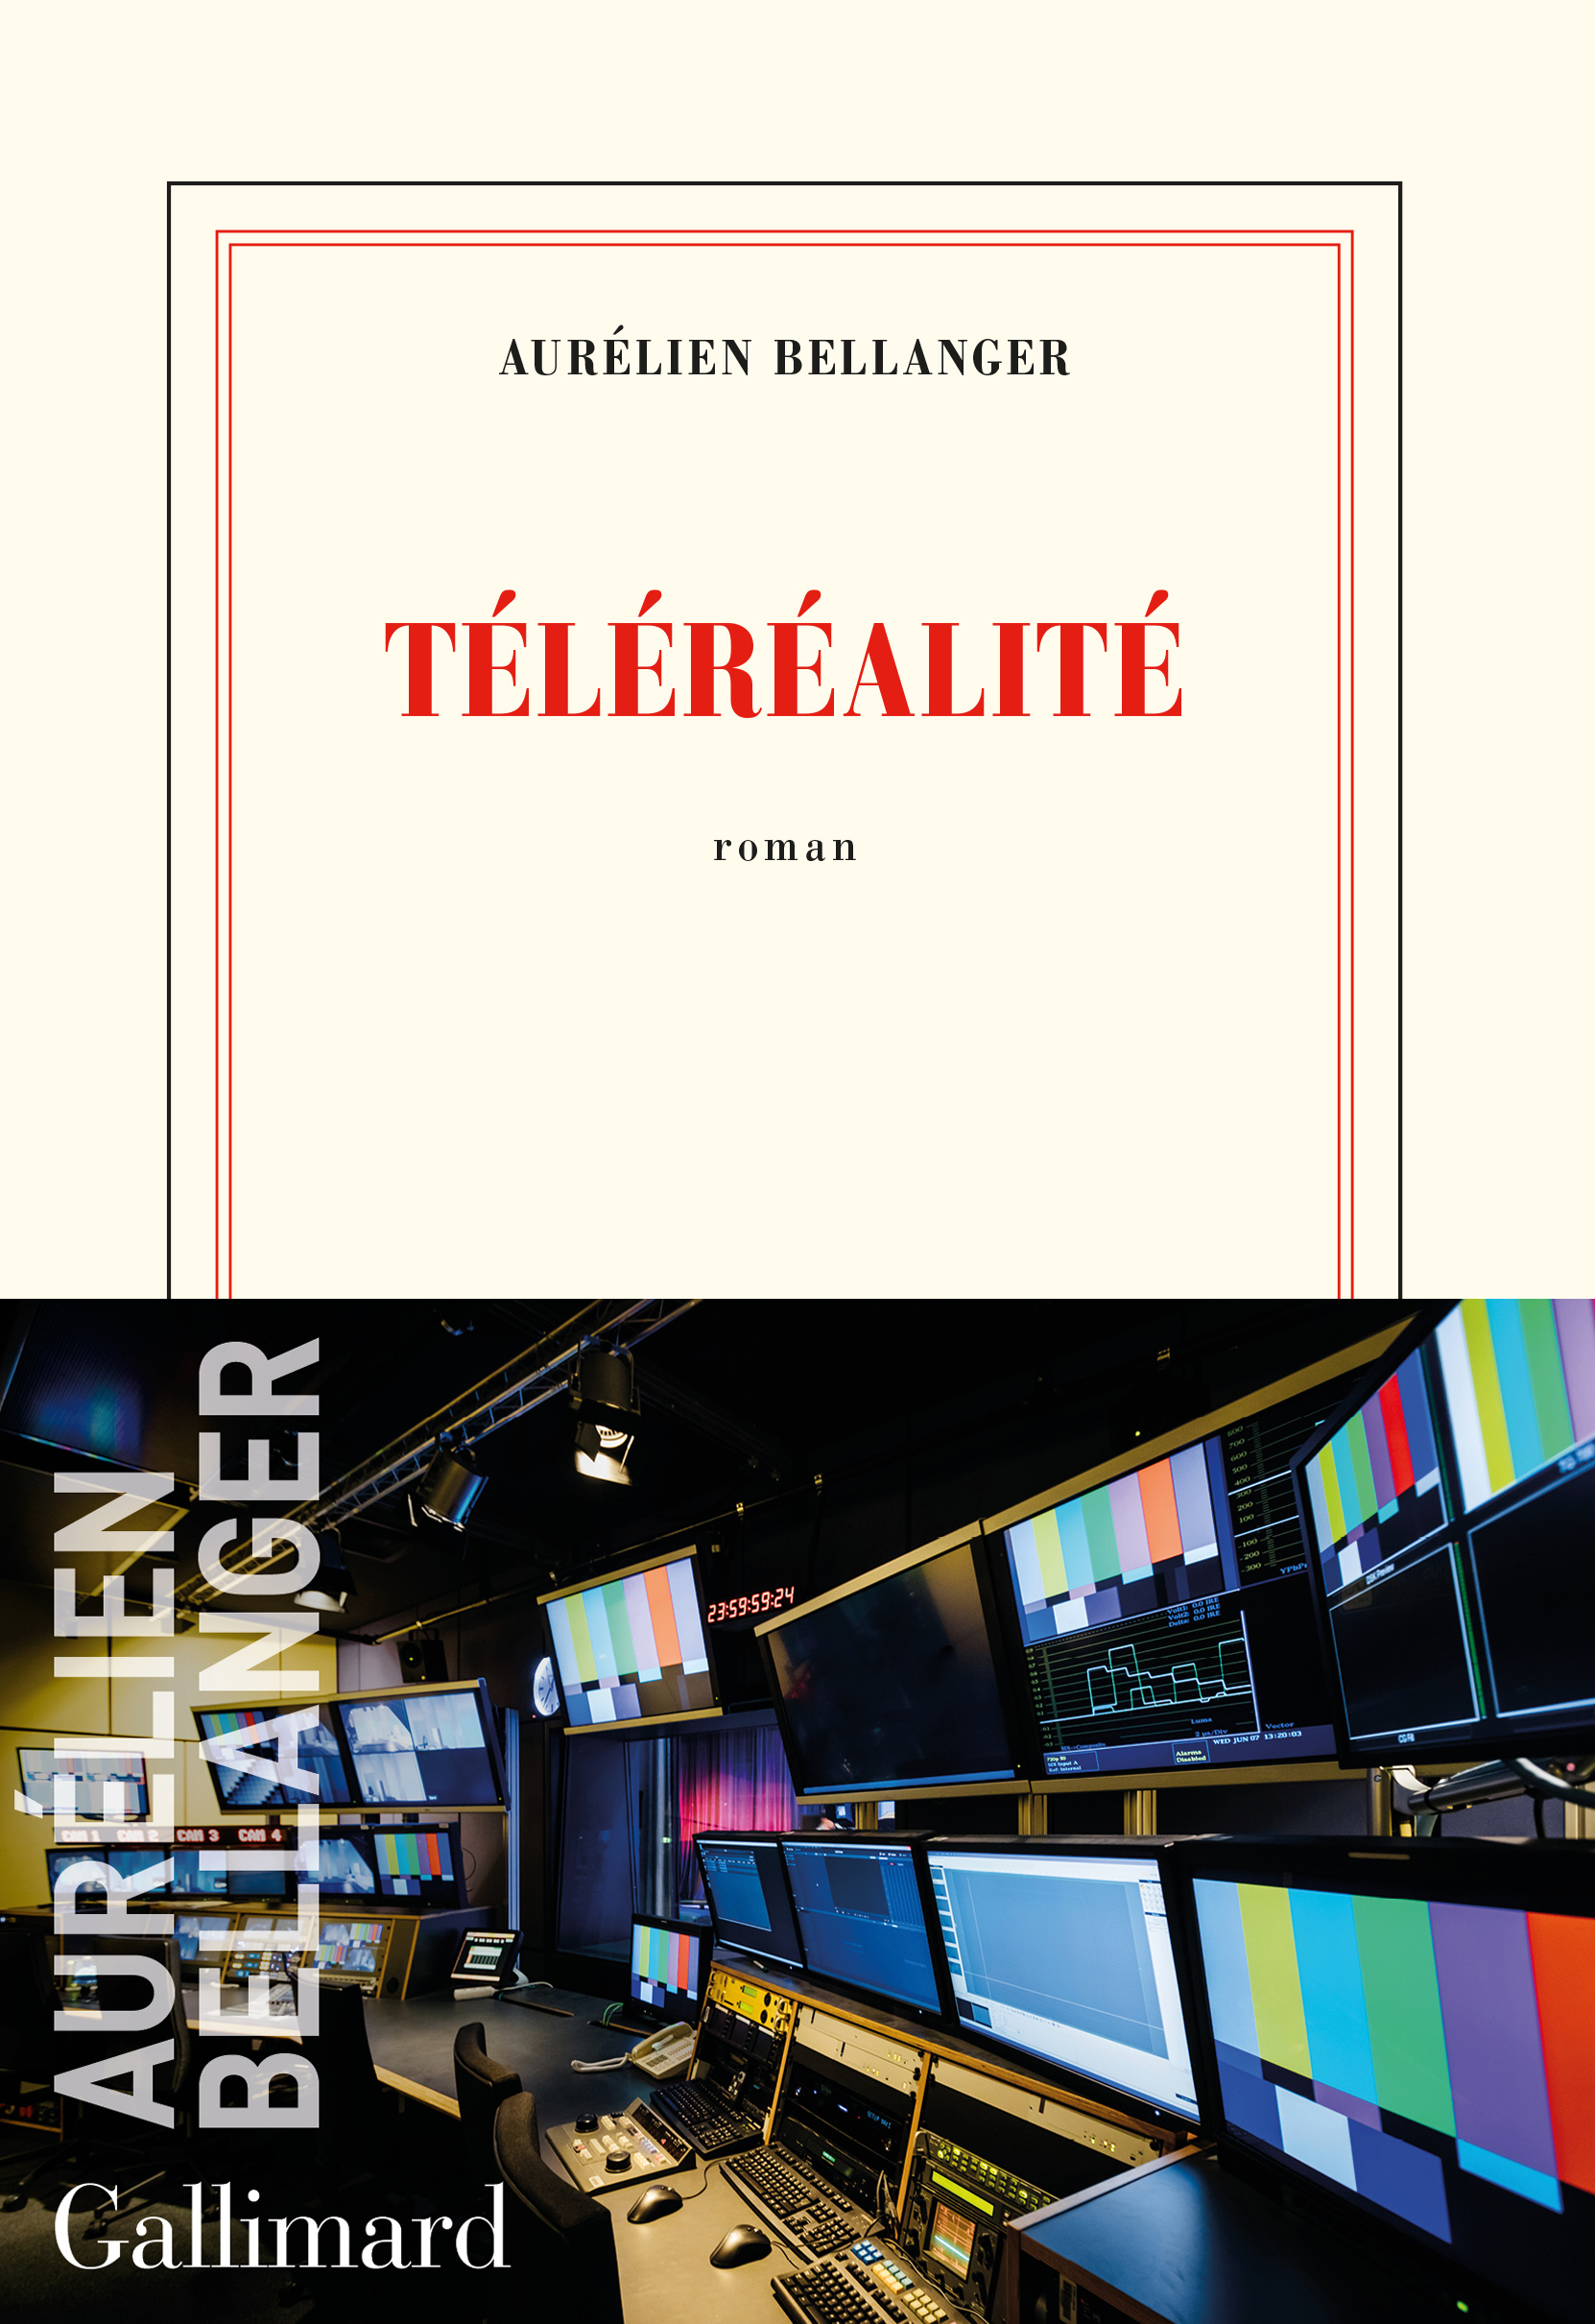 Aurélien Bellanger, Télérealité